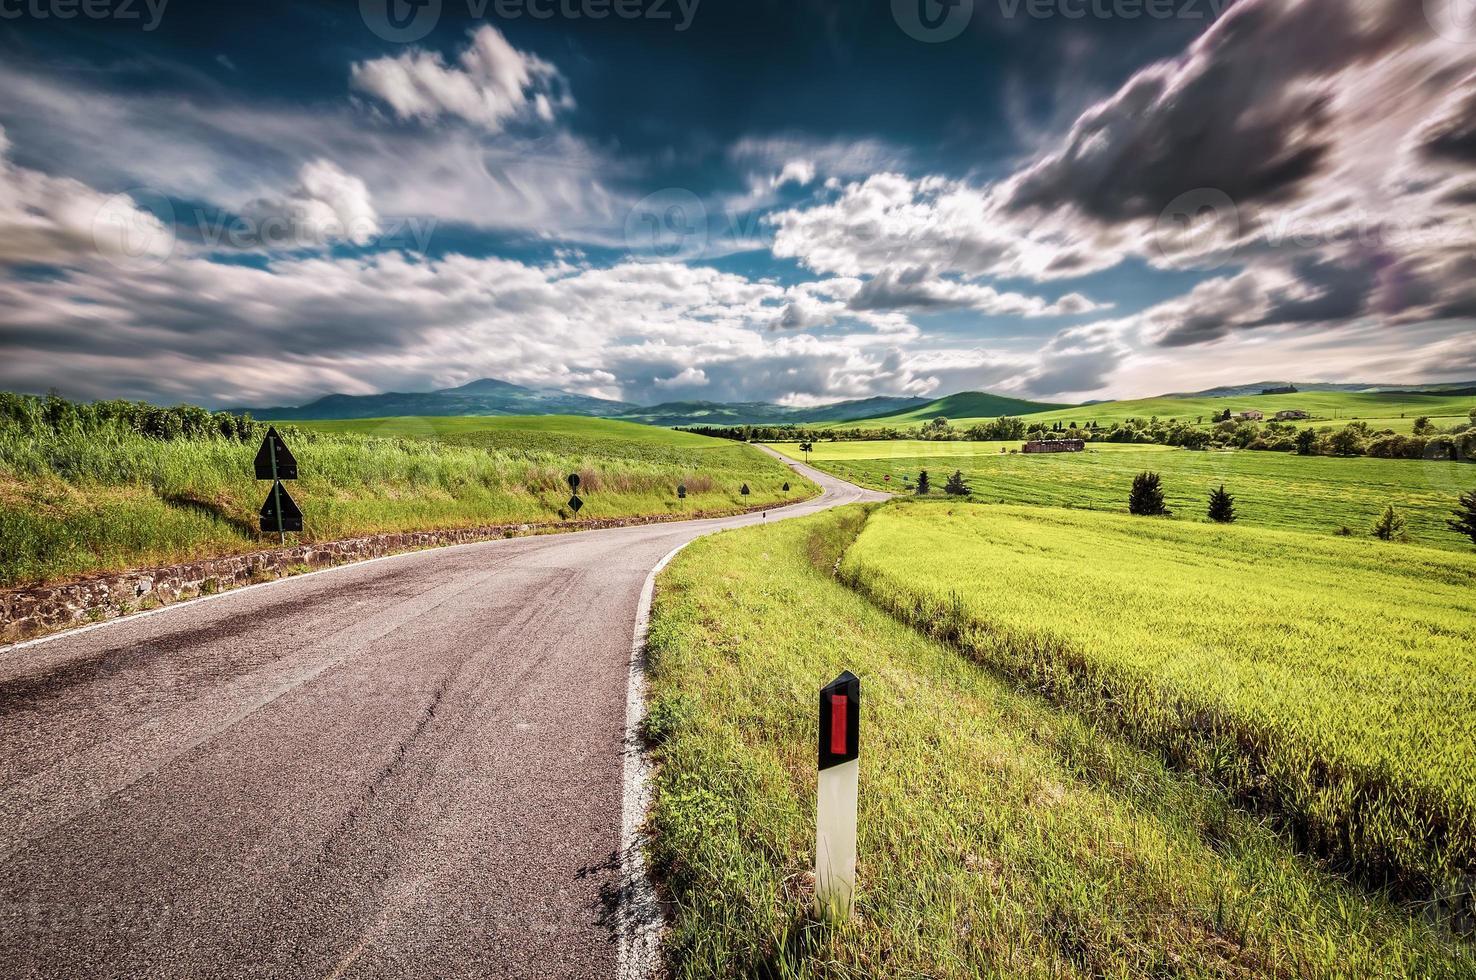 camino en el campo foto